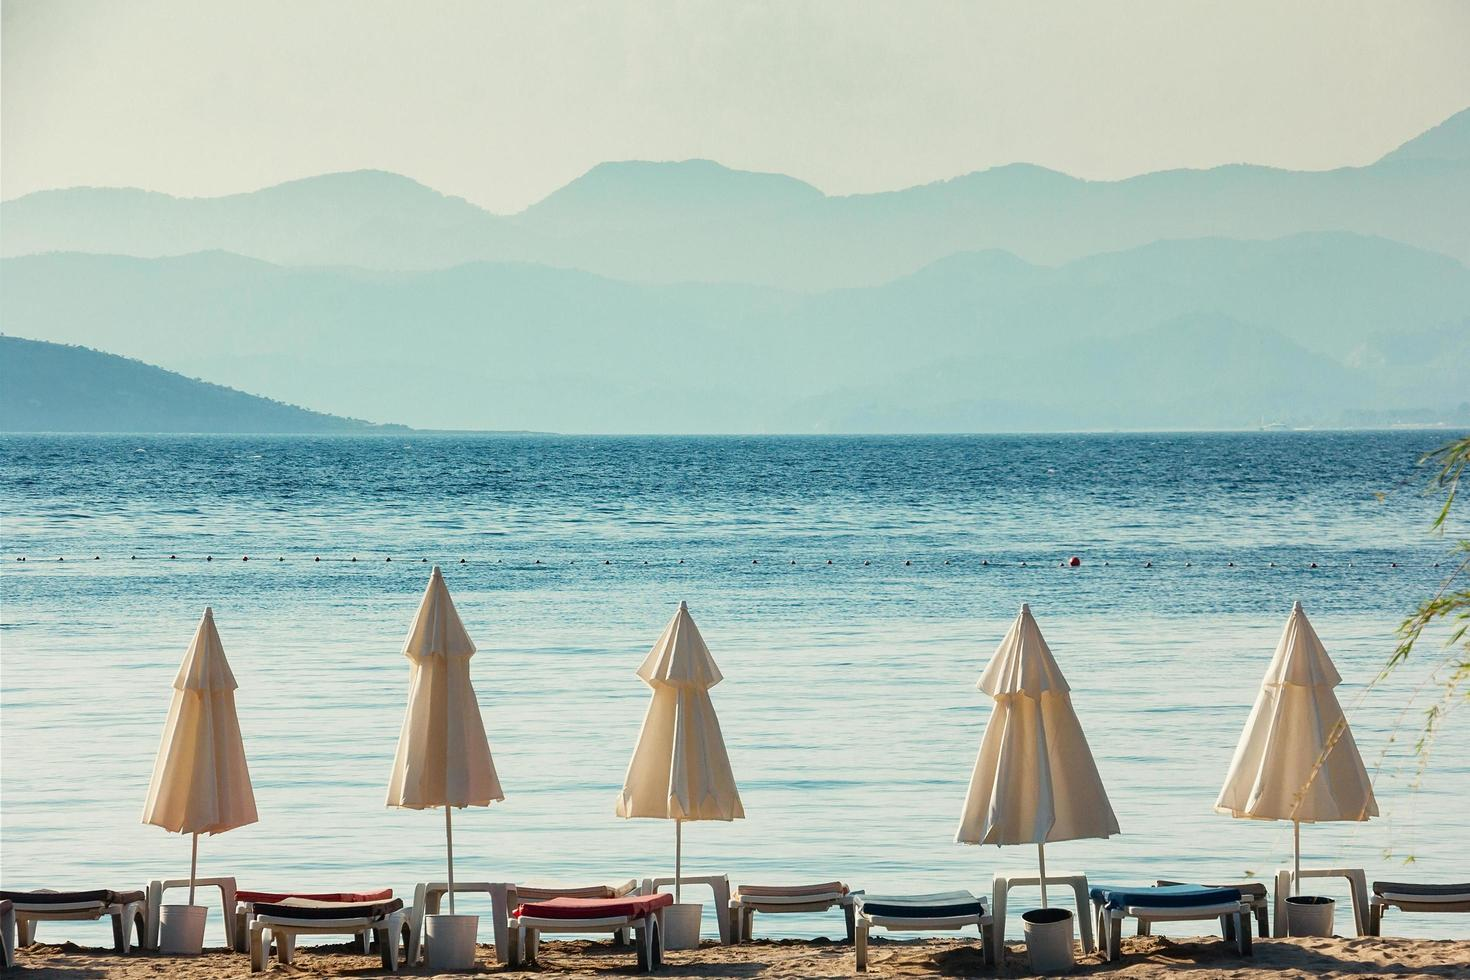 parapluies blancs, mer bleue et hautes montagnes à l'horizon photo